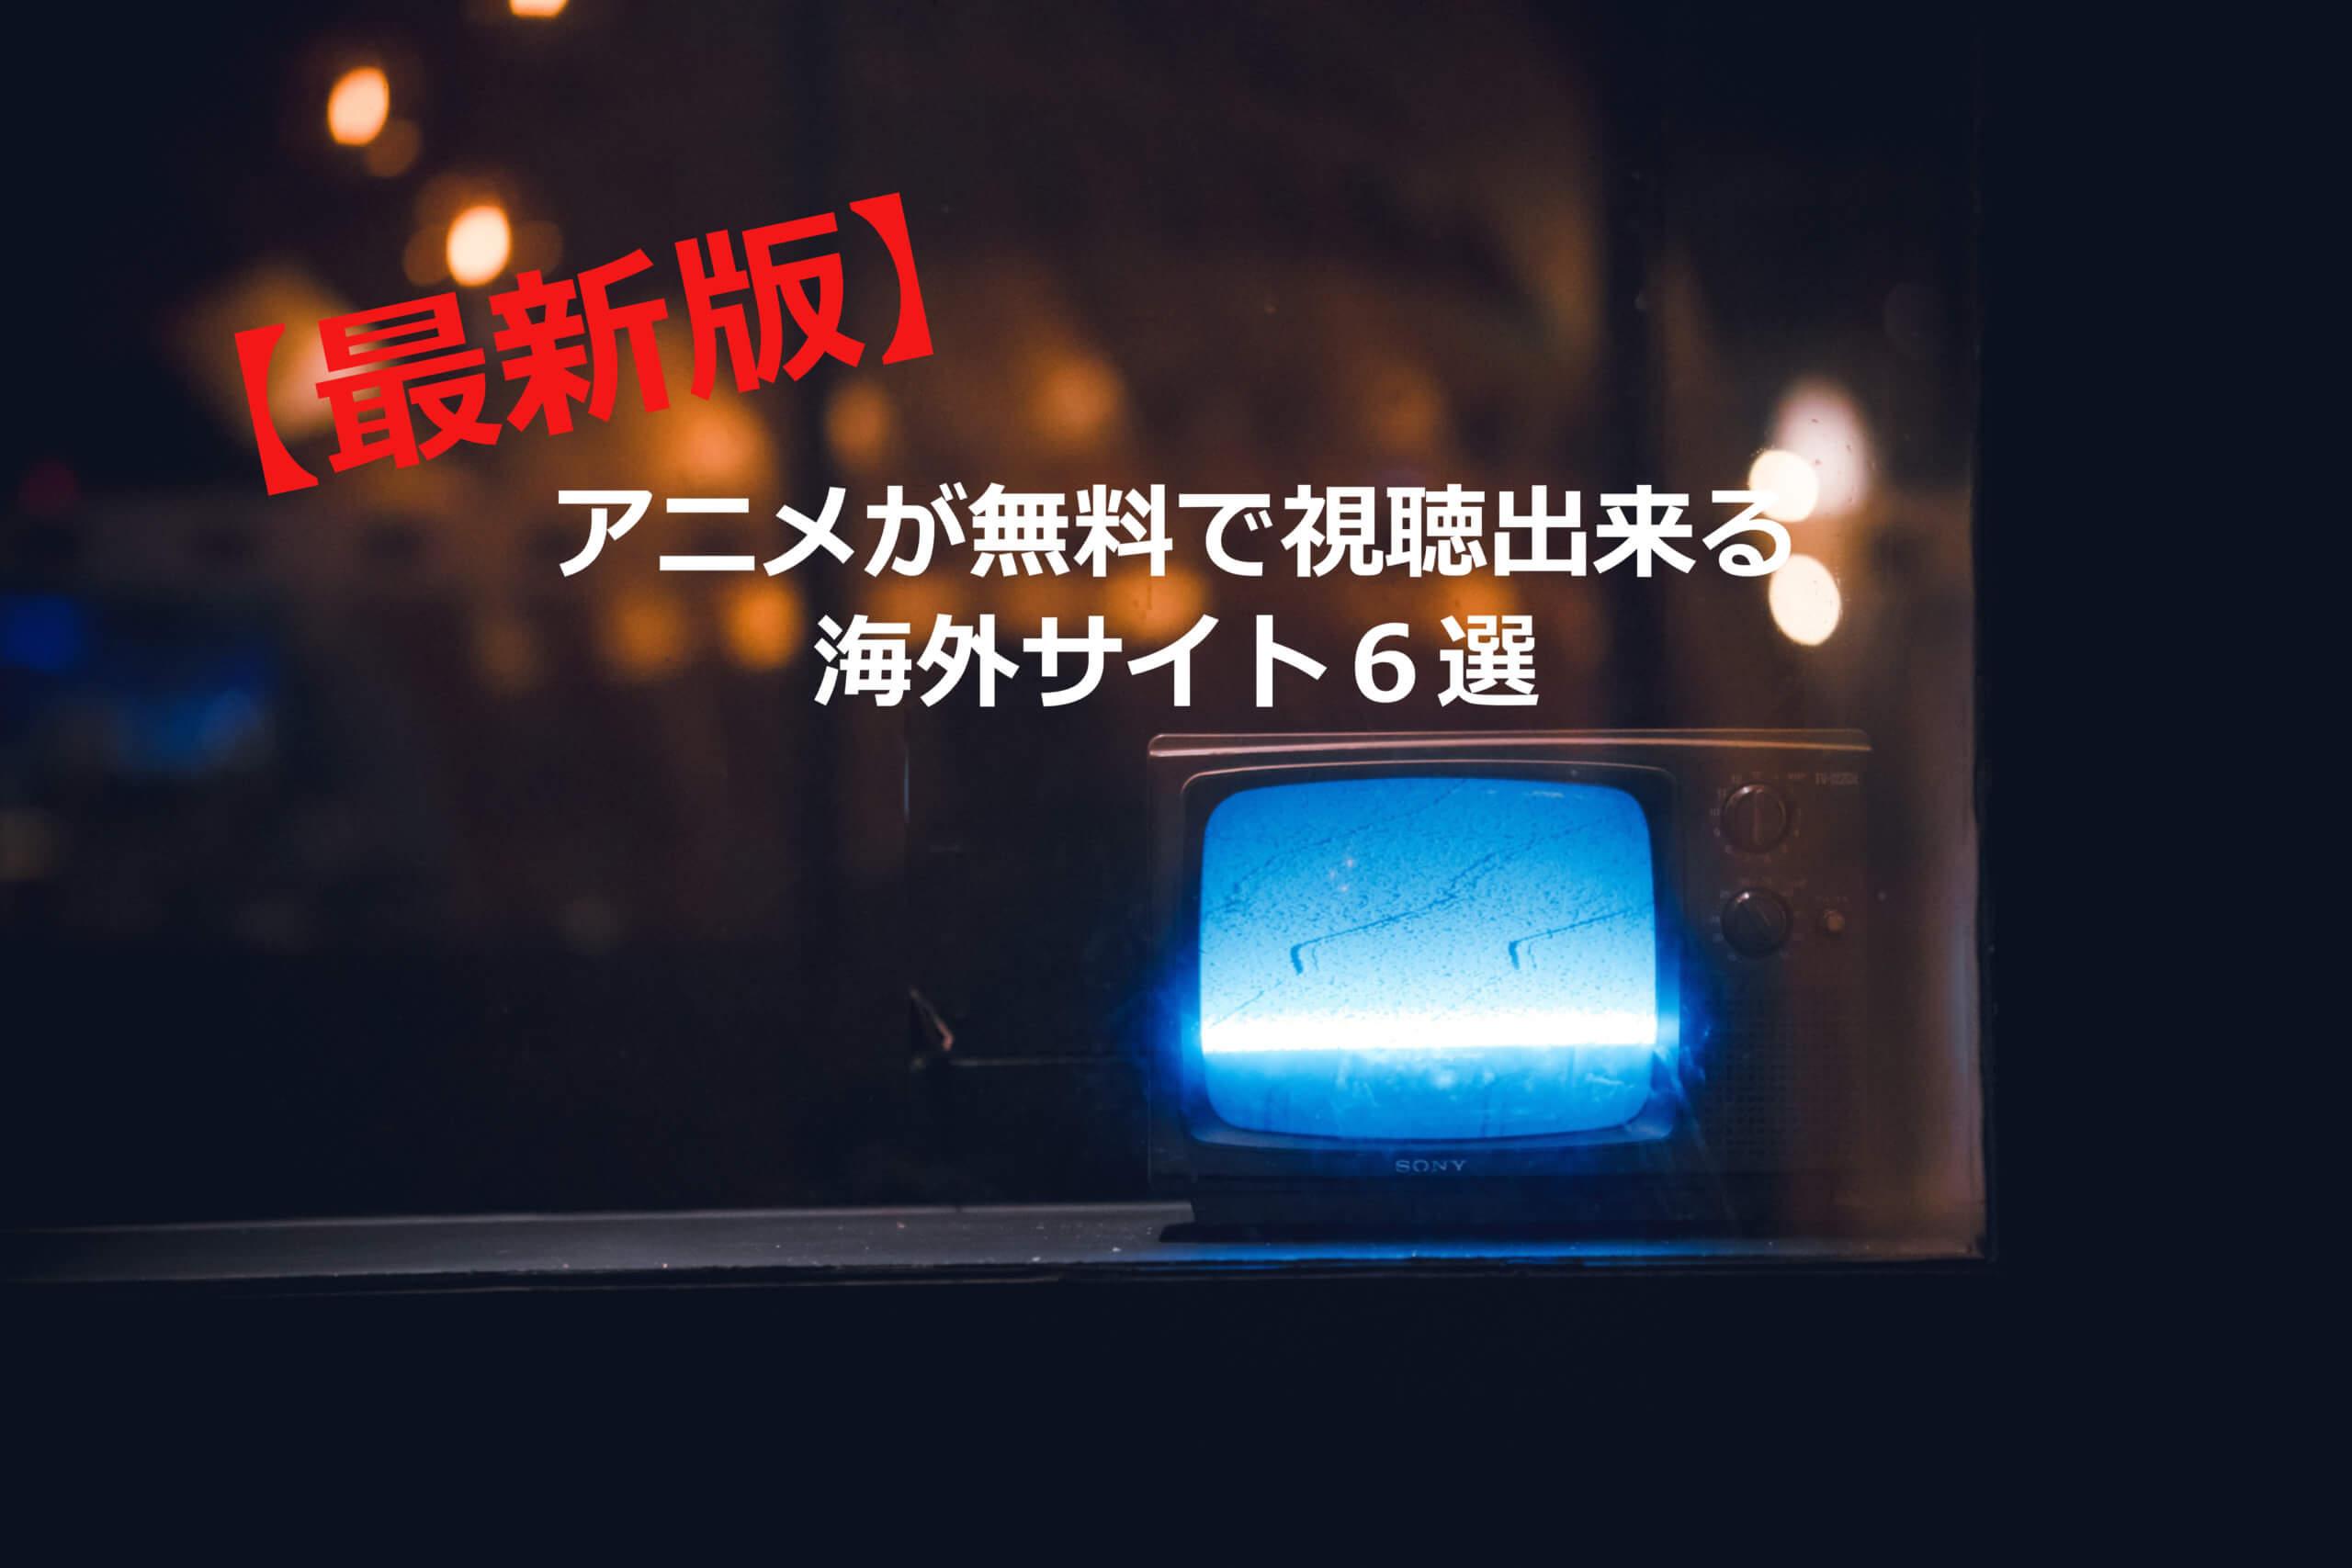 視聴 サイト 無料 アニメ